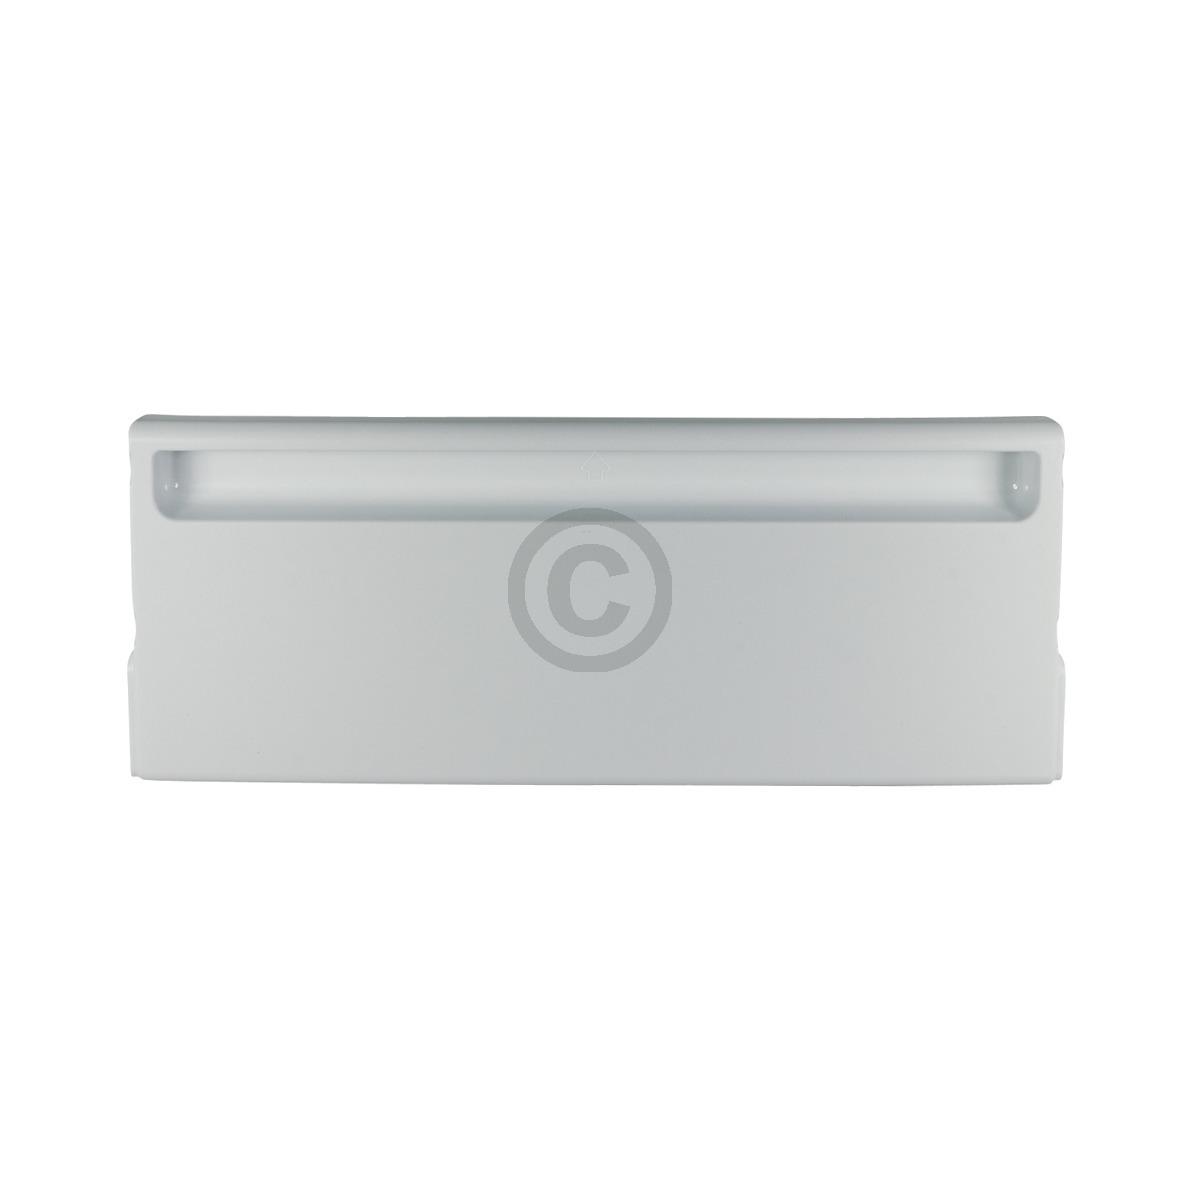 Gefrierfachklappe Bosch 00350073 oben für Gefrierschrank